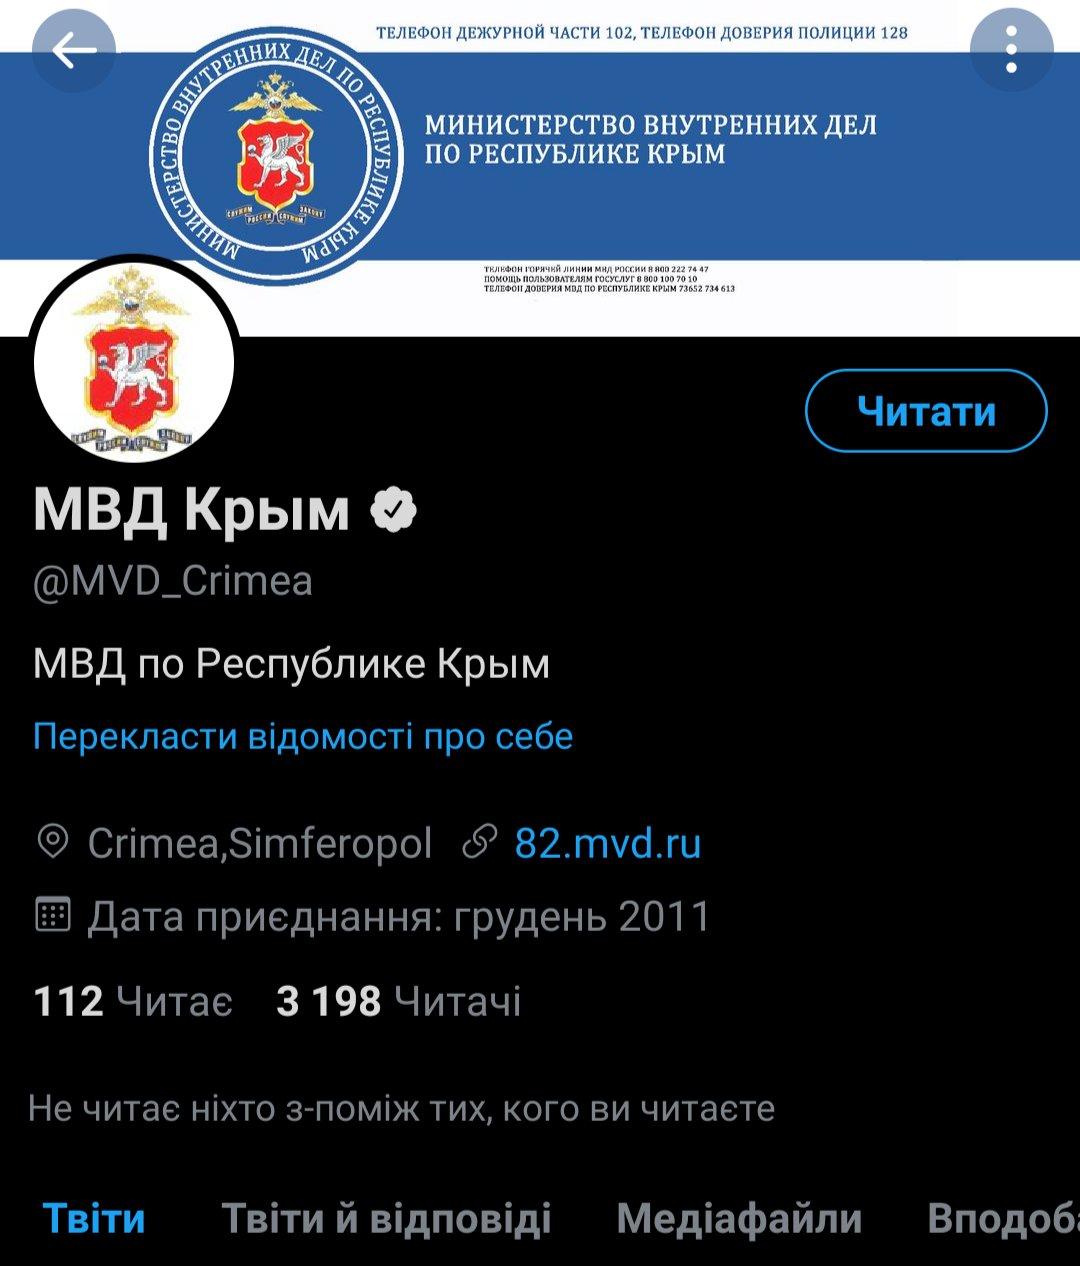 Чей Крым: Twitter дважды верифицировал российское МВД в Крыму - фото 2